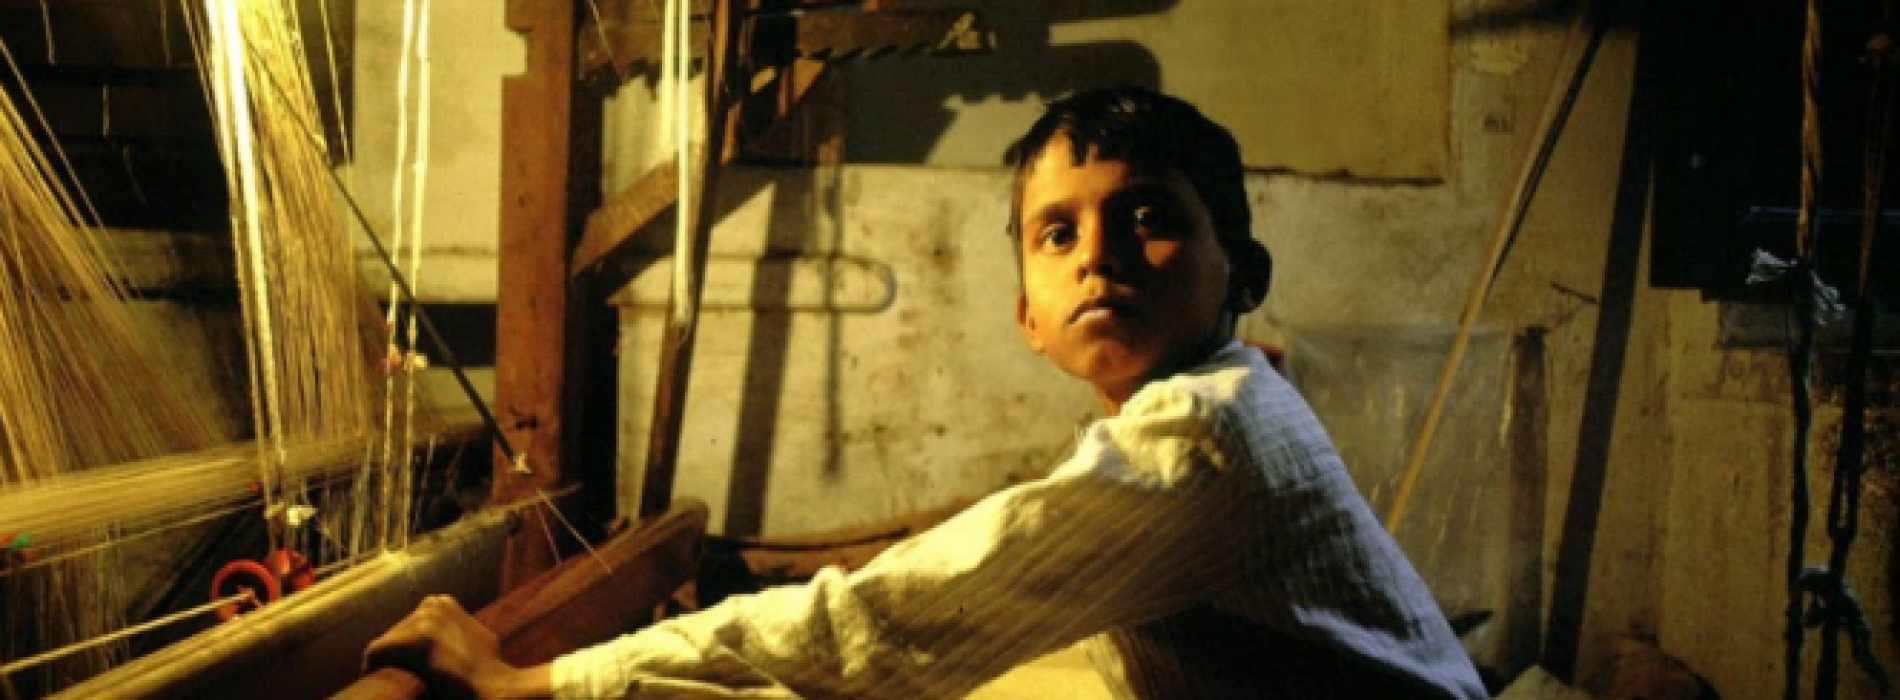 Al Piccolo di Caserta la tragica e valorosa storia di Iqbal